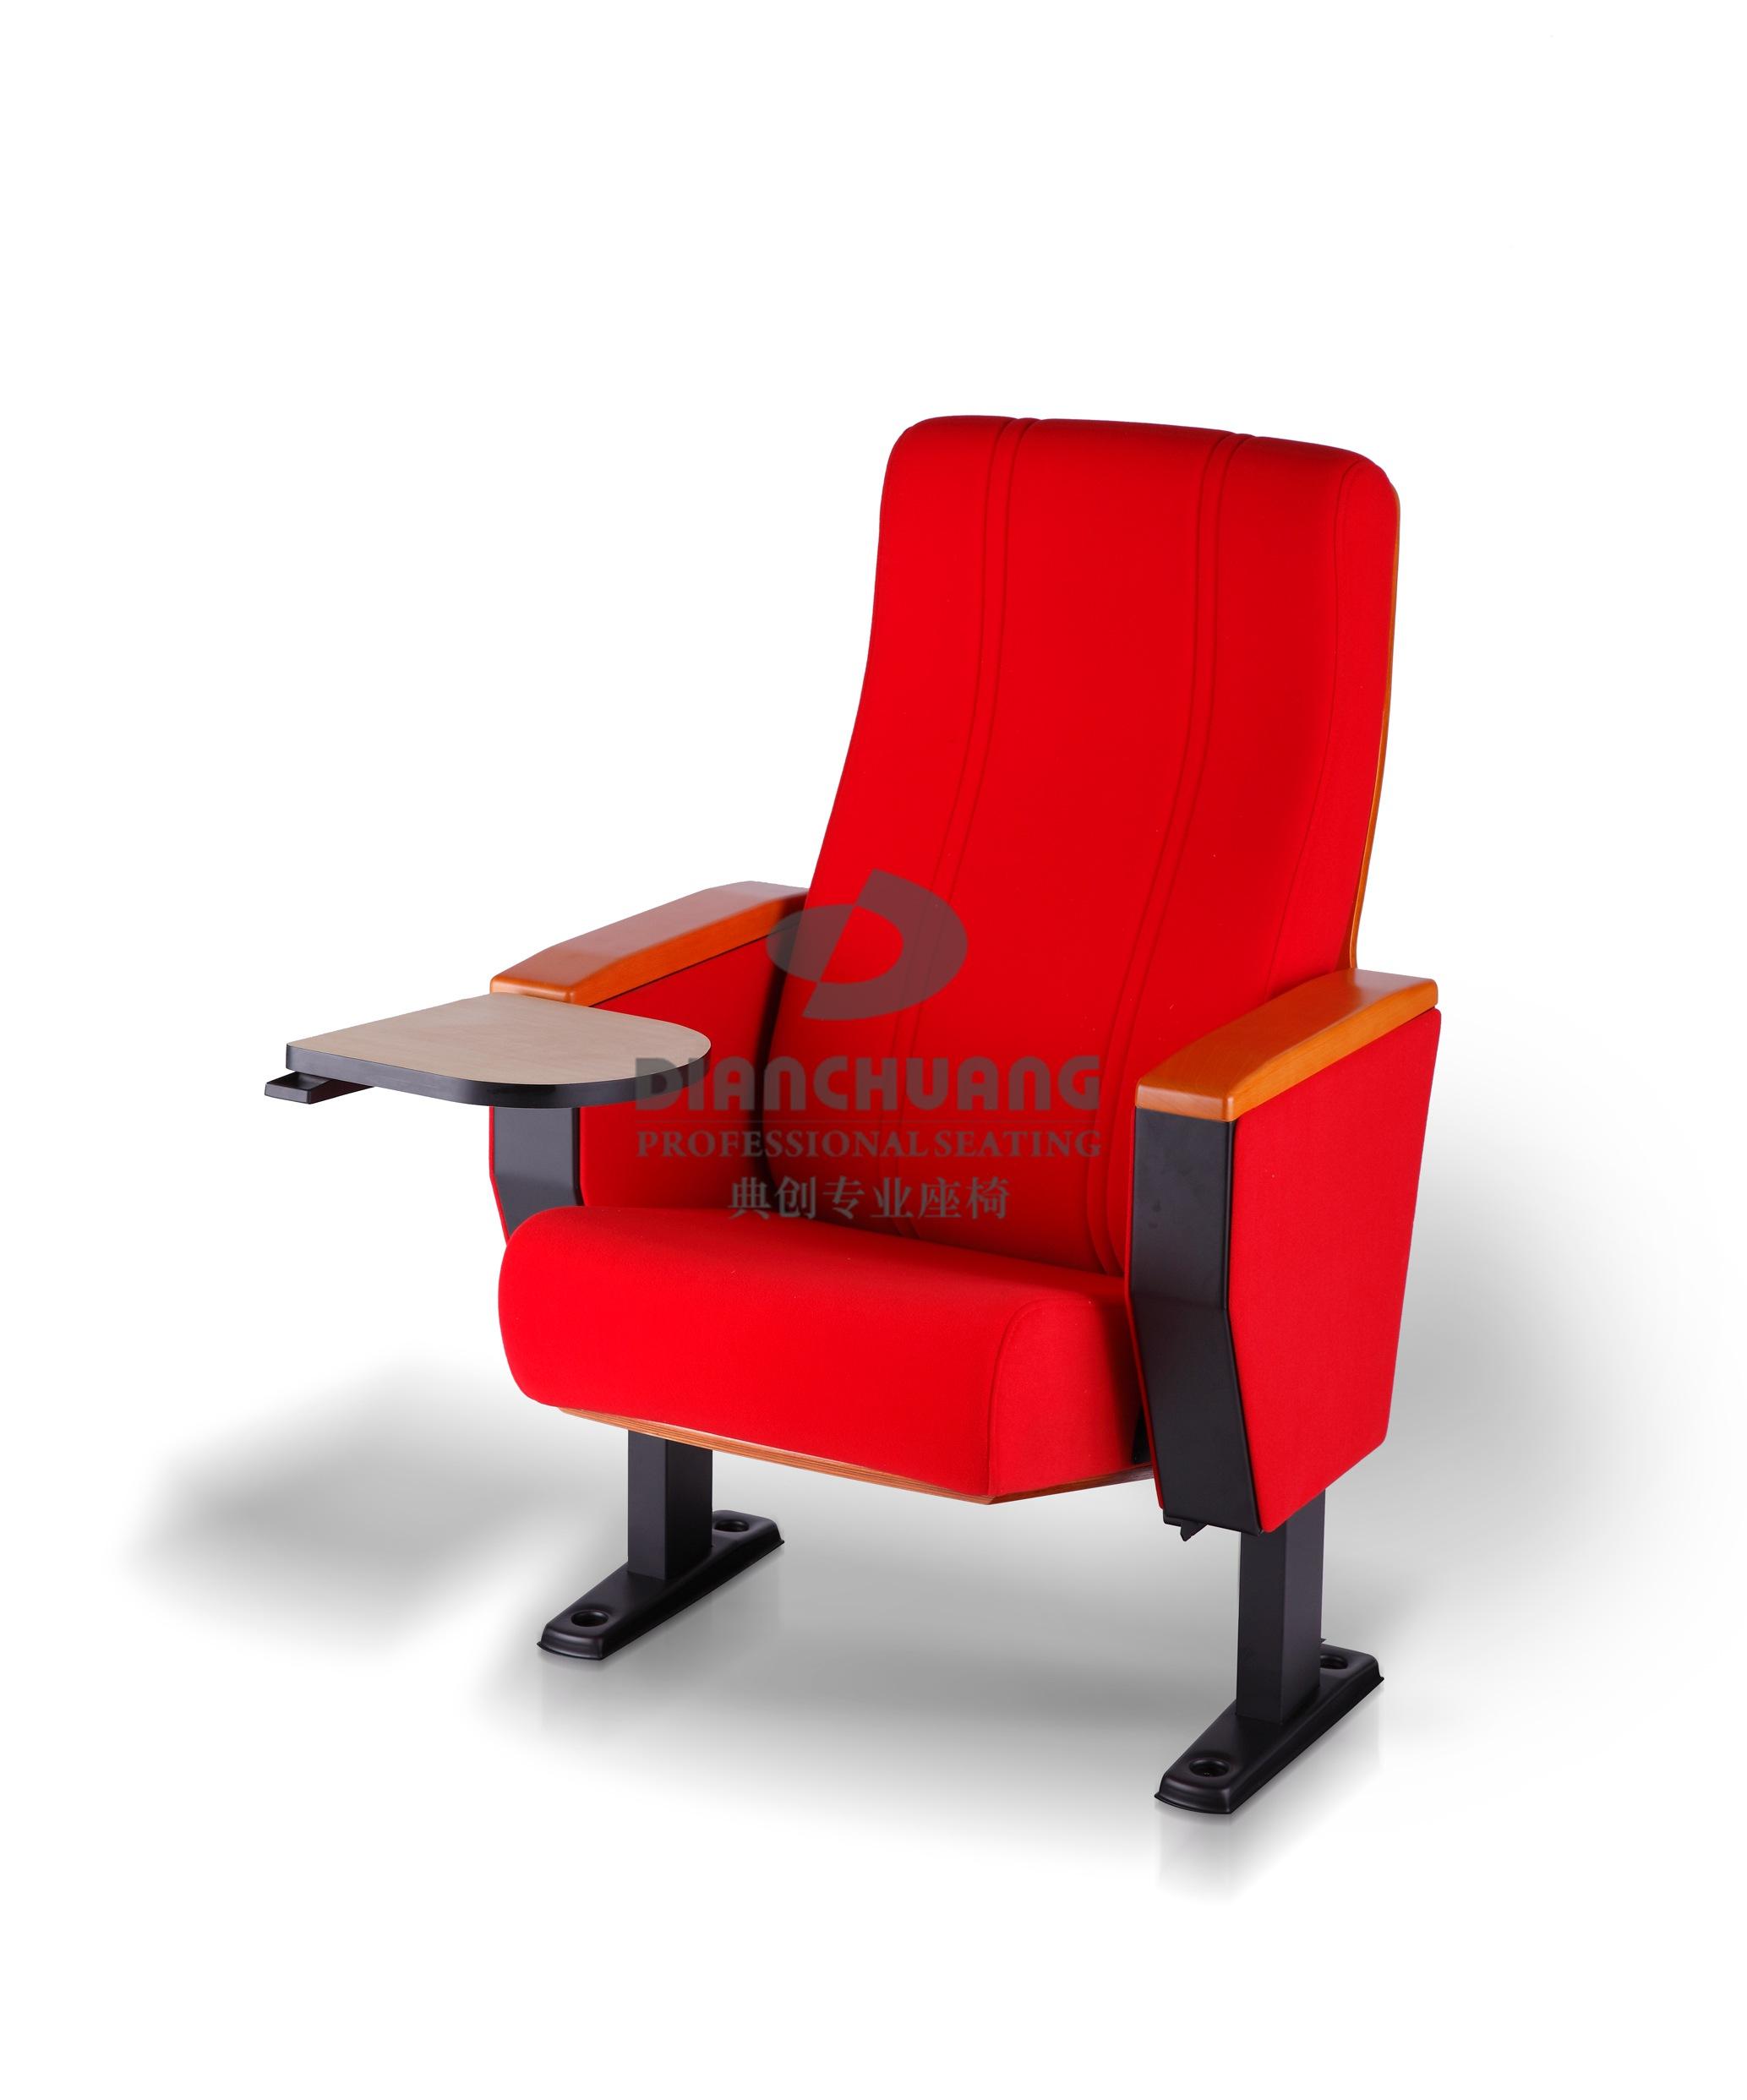 红款阻燃面料带写字板礼堂椅子-5041